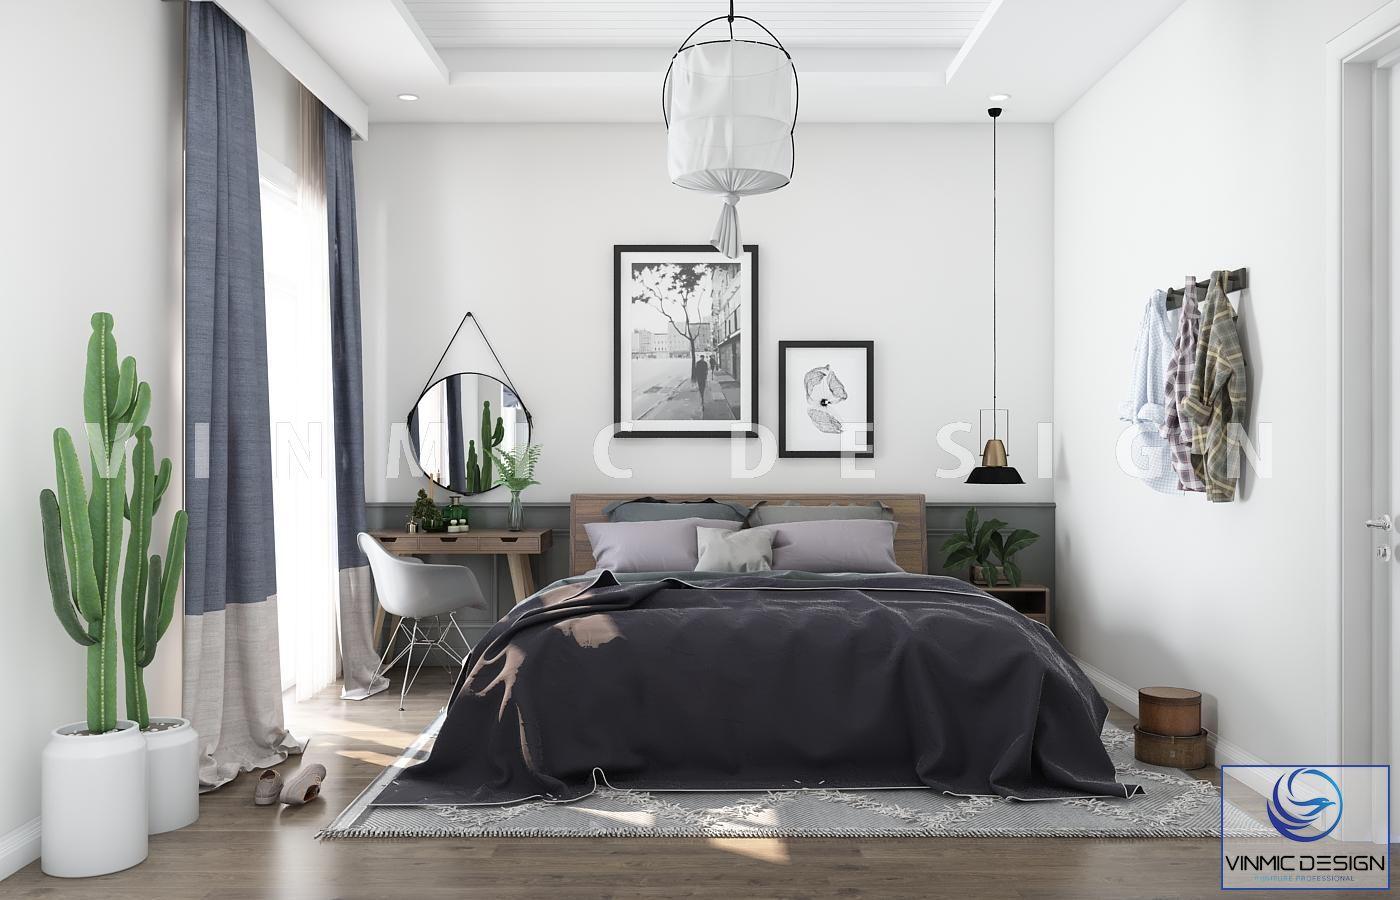 Thiết kế nội thất phòng ngủ phong cách scandinavian với các điểm nhấn là màu xanh của cây và đồ nội thất trên tone màu nền trắng